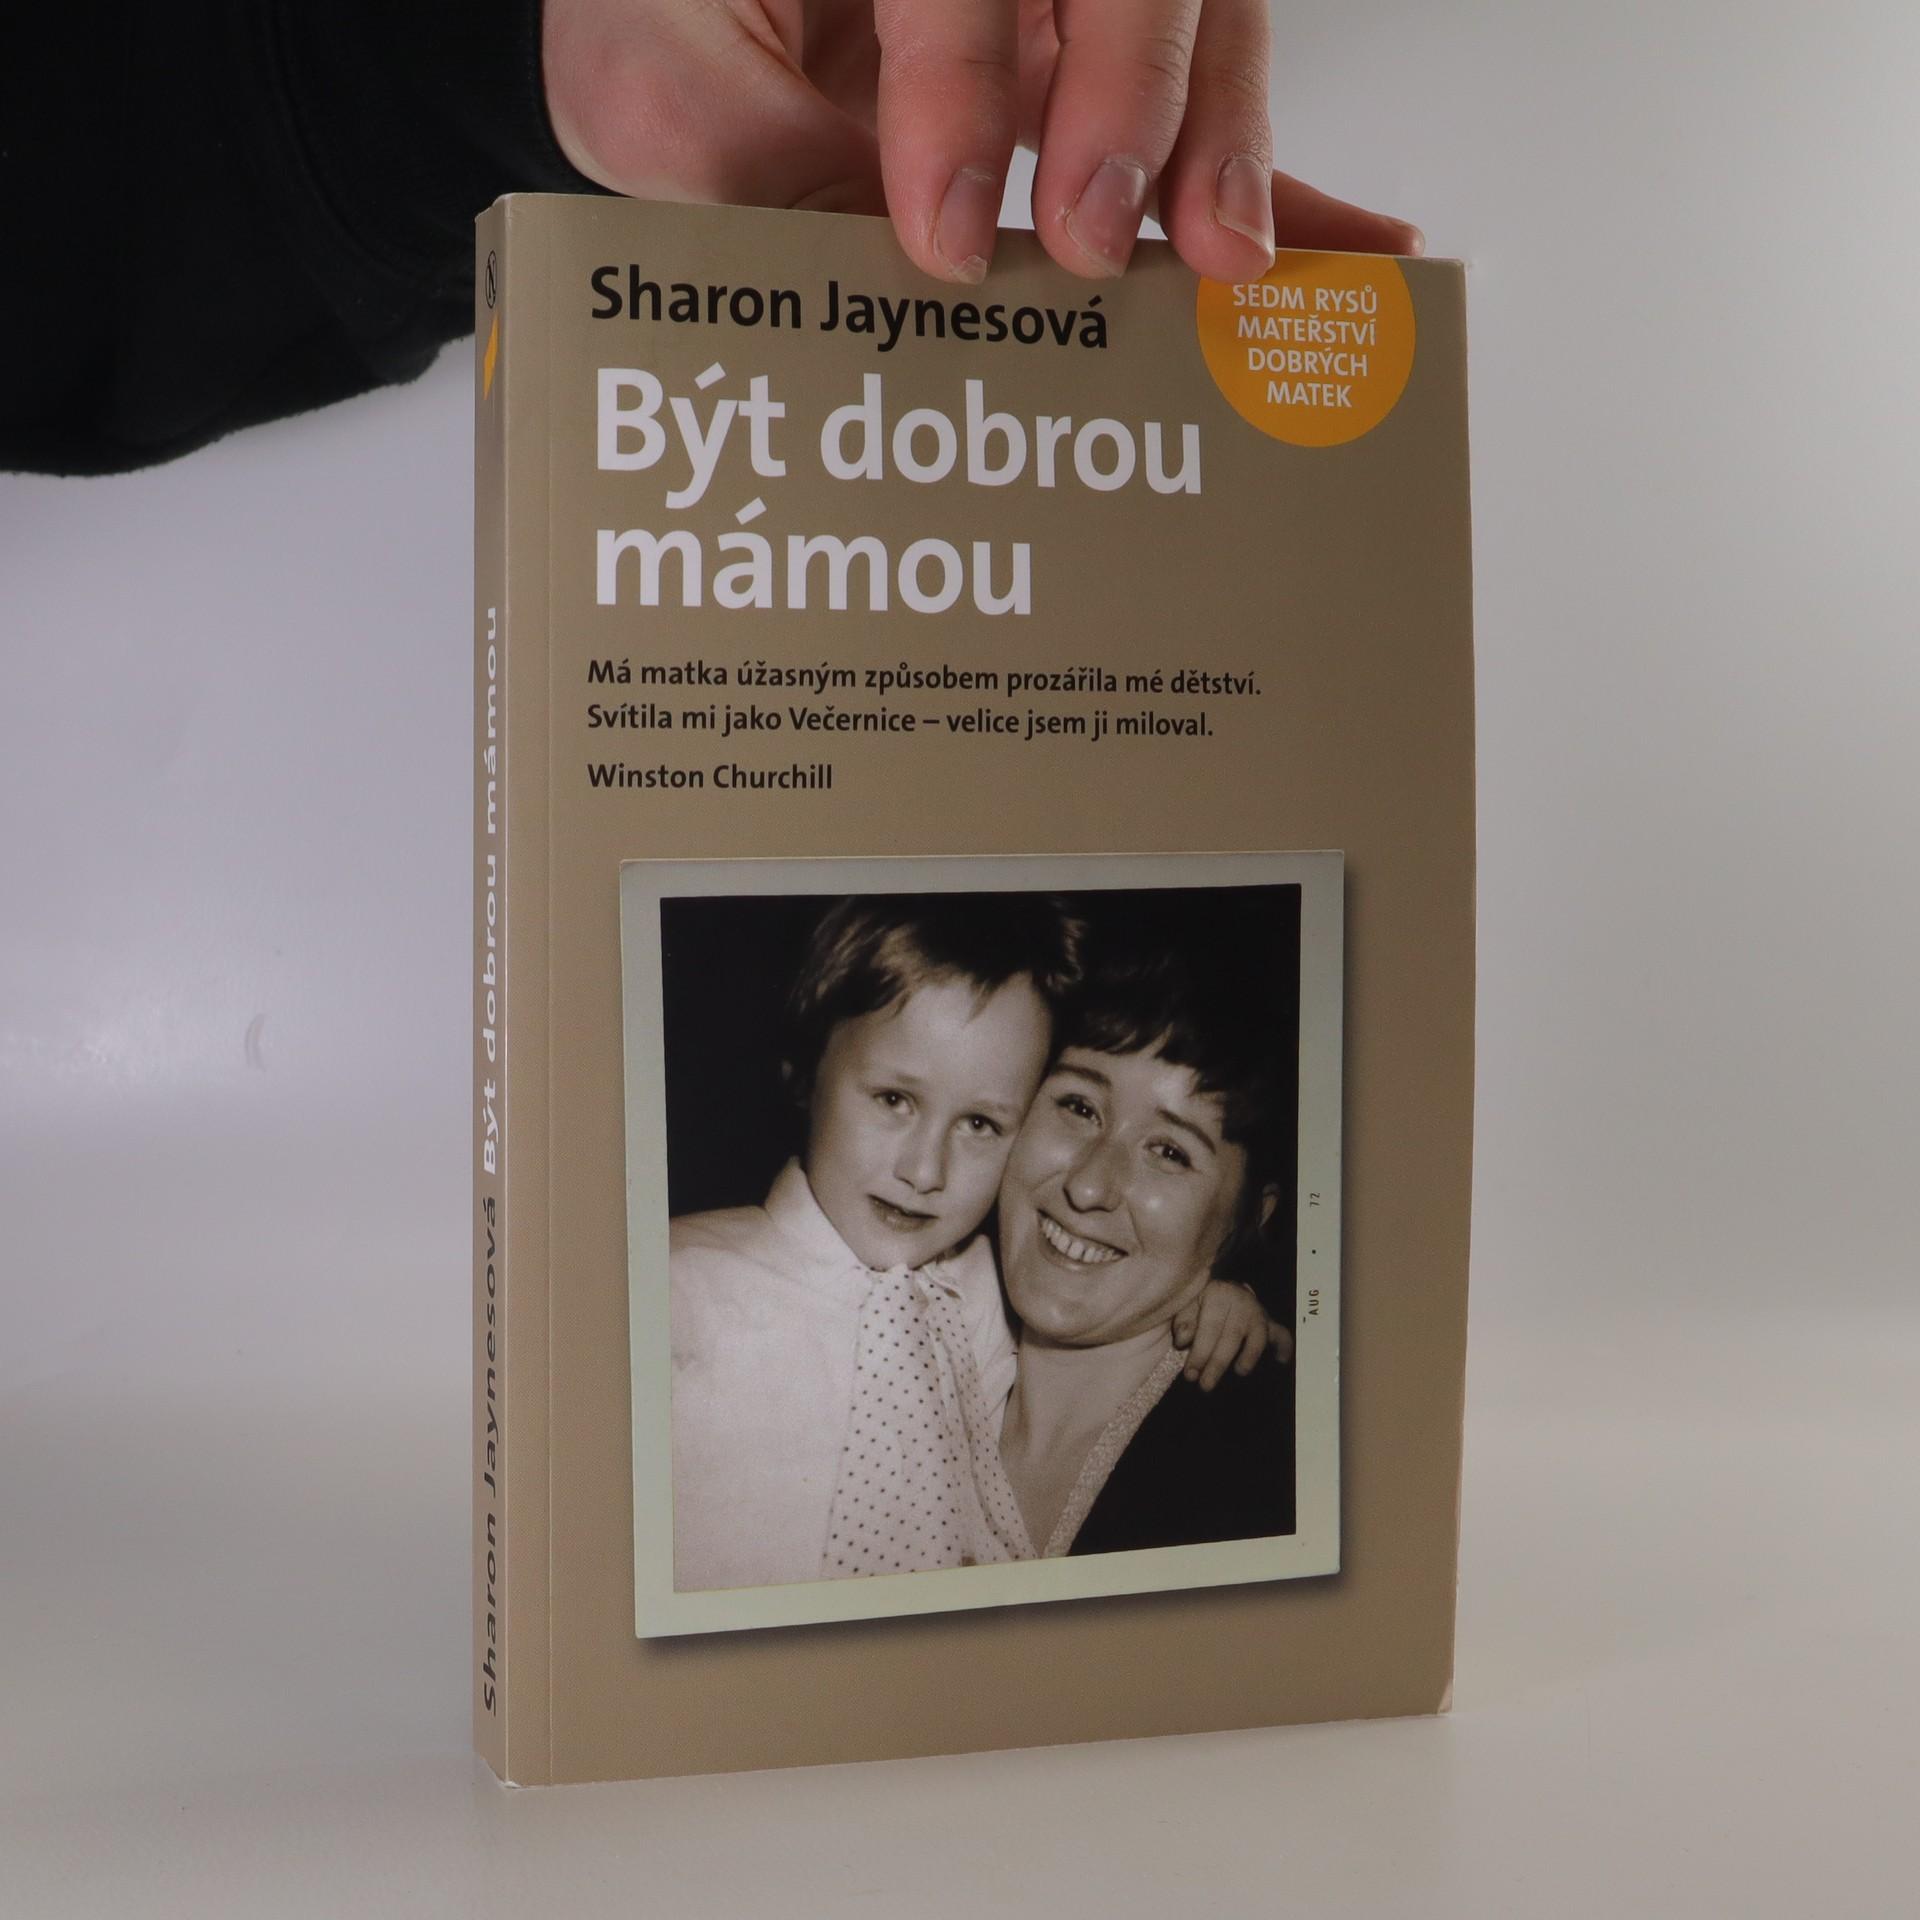 antikvární kniha Být dobrou mámou. Sedm rysů mateřství dobrých matek, 2010